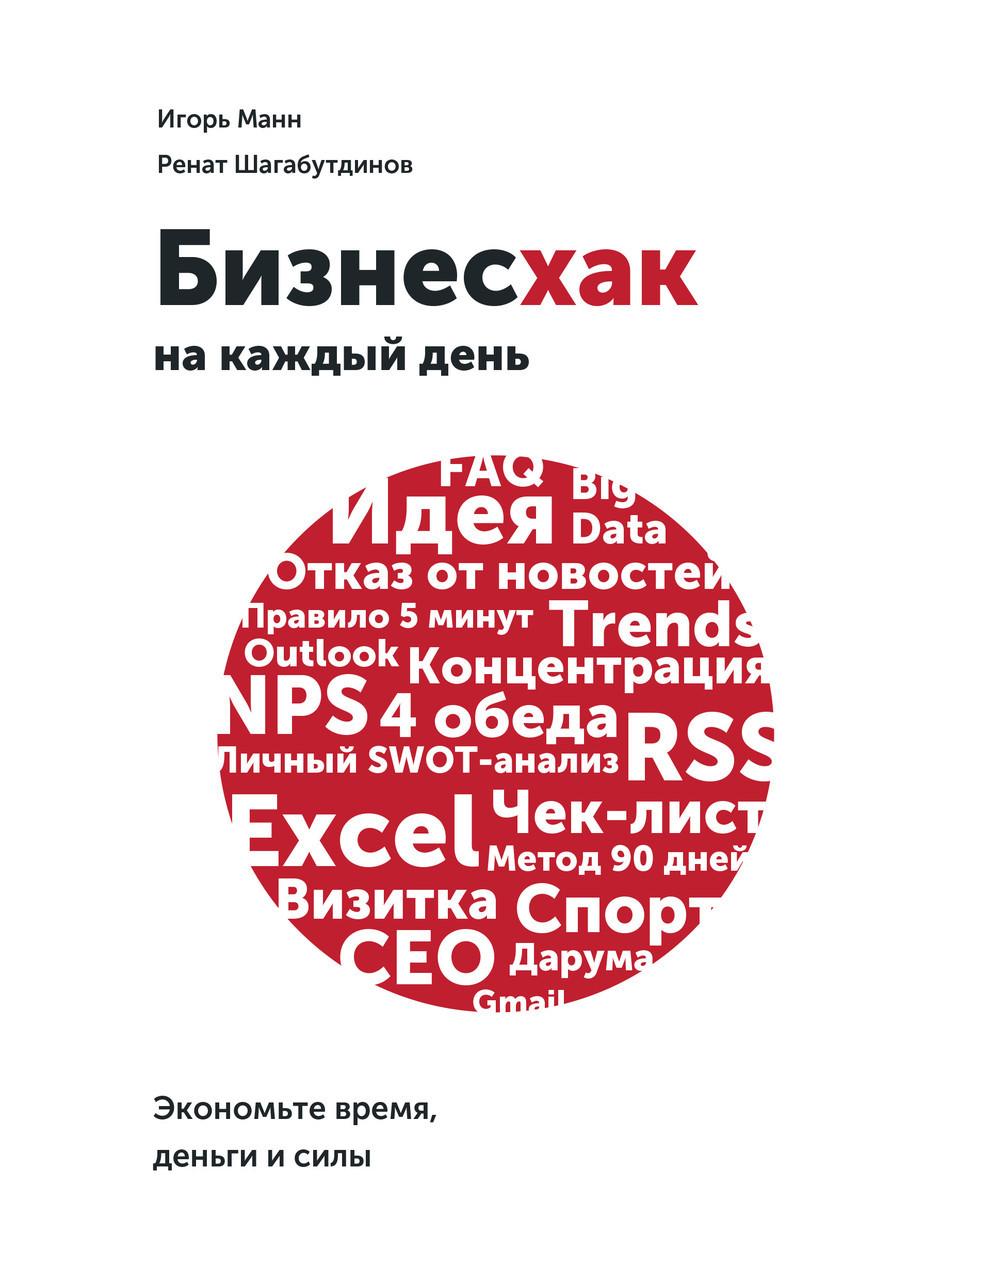 Манн И.; Шагабутдинов Р. Бизнесхак на каждый день